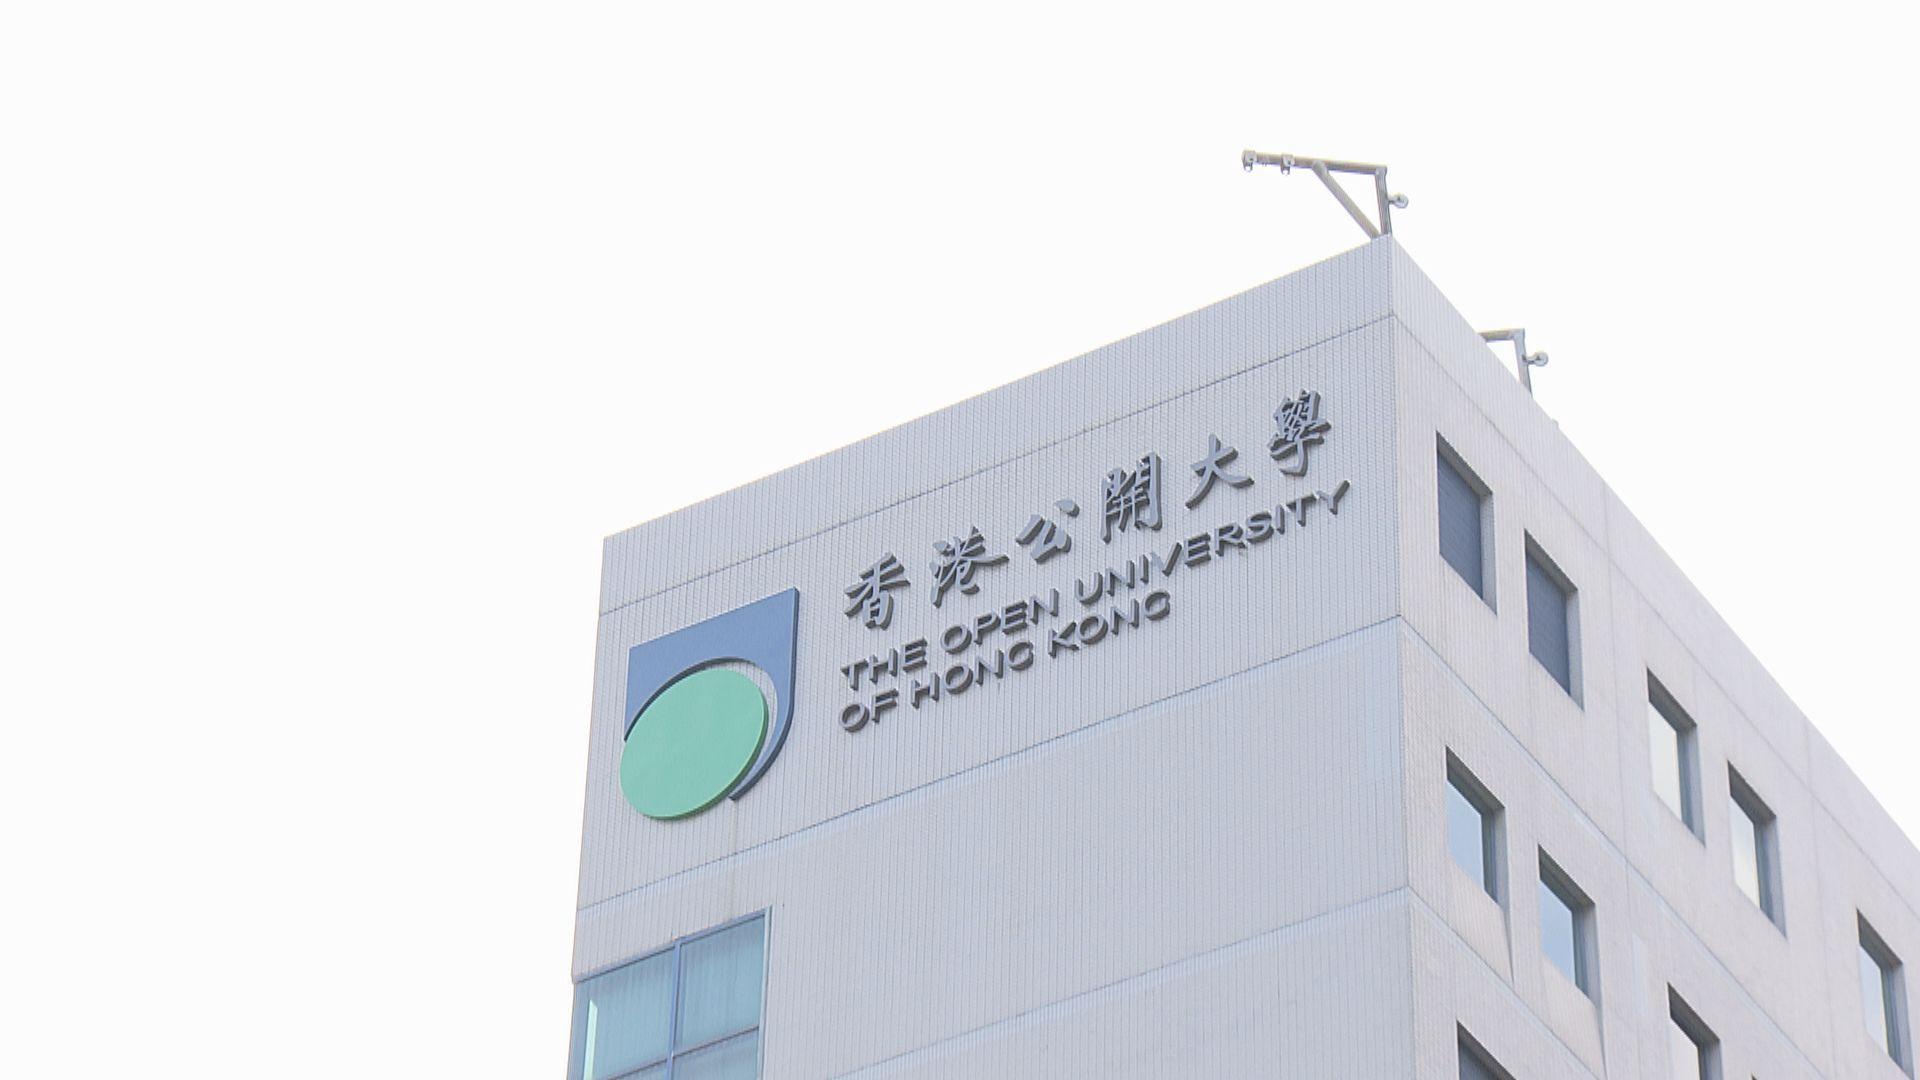 香港公開大學決定改名為「香港都會大學」